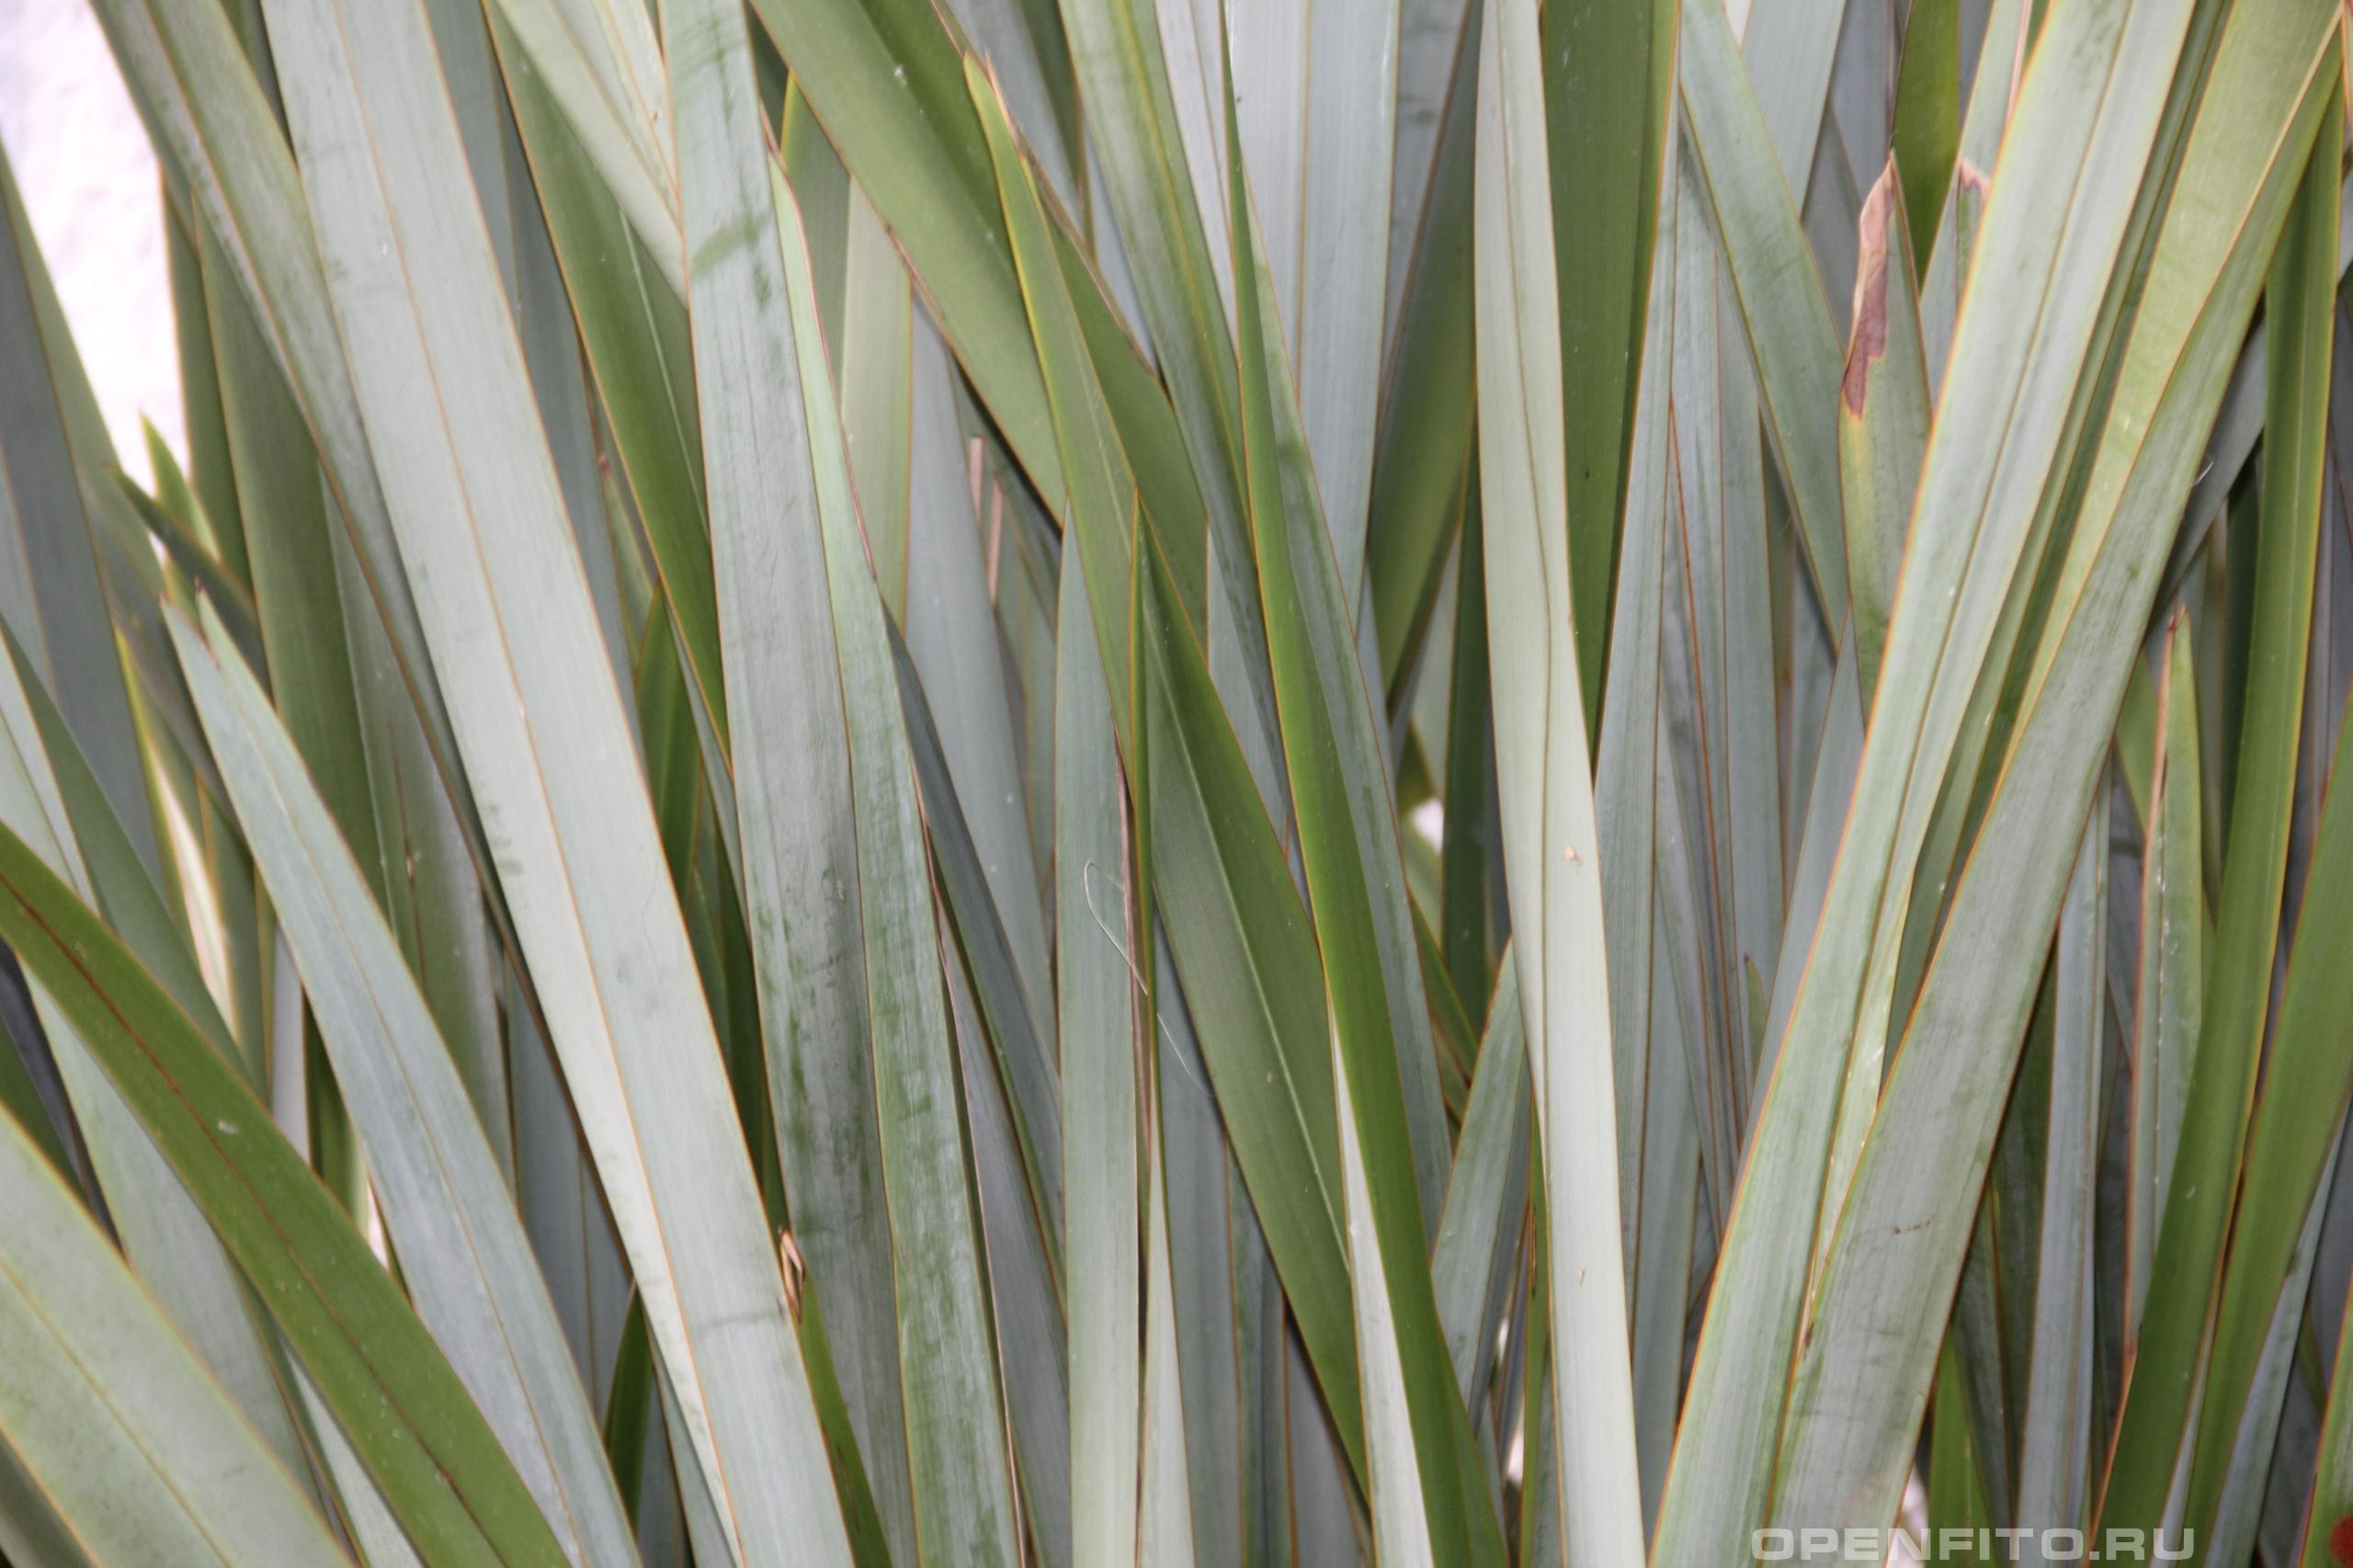 Лен новозеландский листья крупным планом